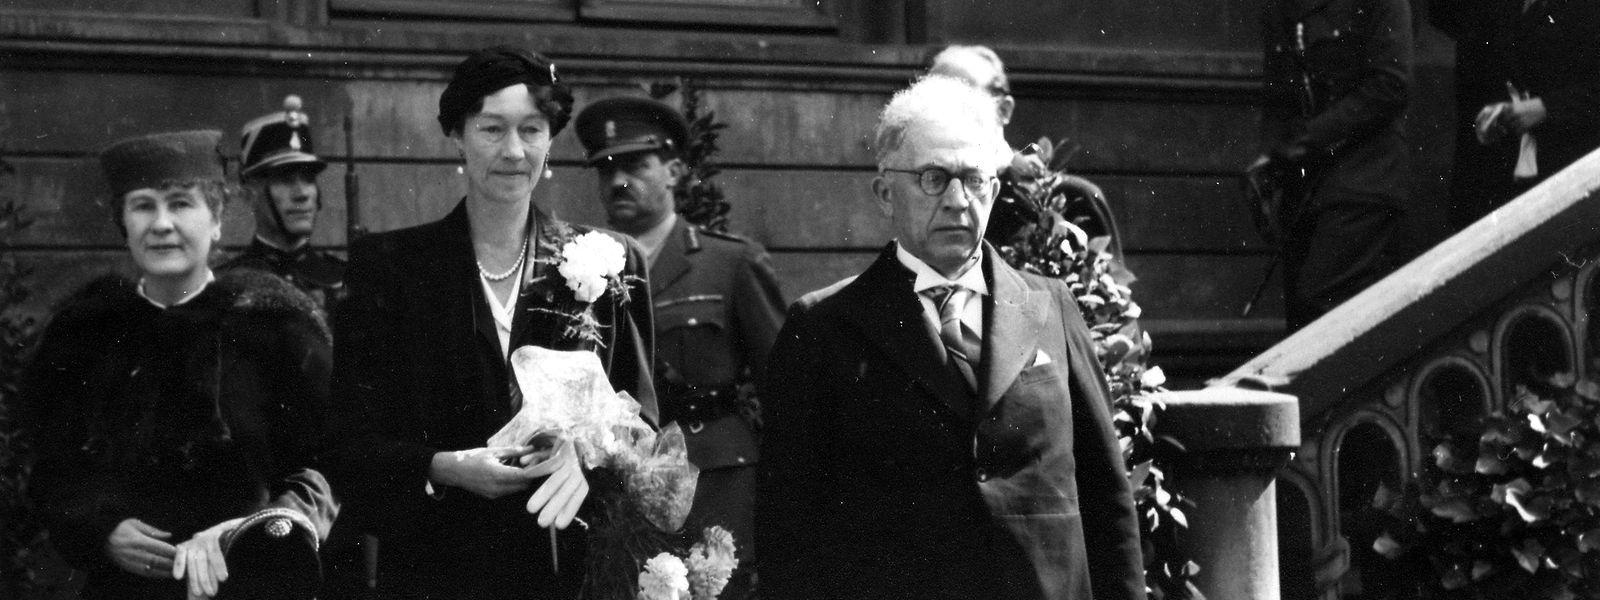 """16.April 1945: Großherzogin Charlotte verlässt die Abgeordnetenkammer nach einer feierlichen Sitzung der """"Assemblée consultative"""" im Beisein der großherzoglichen Familie und des diplomatischen Korps."""